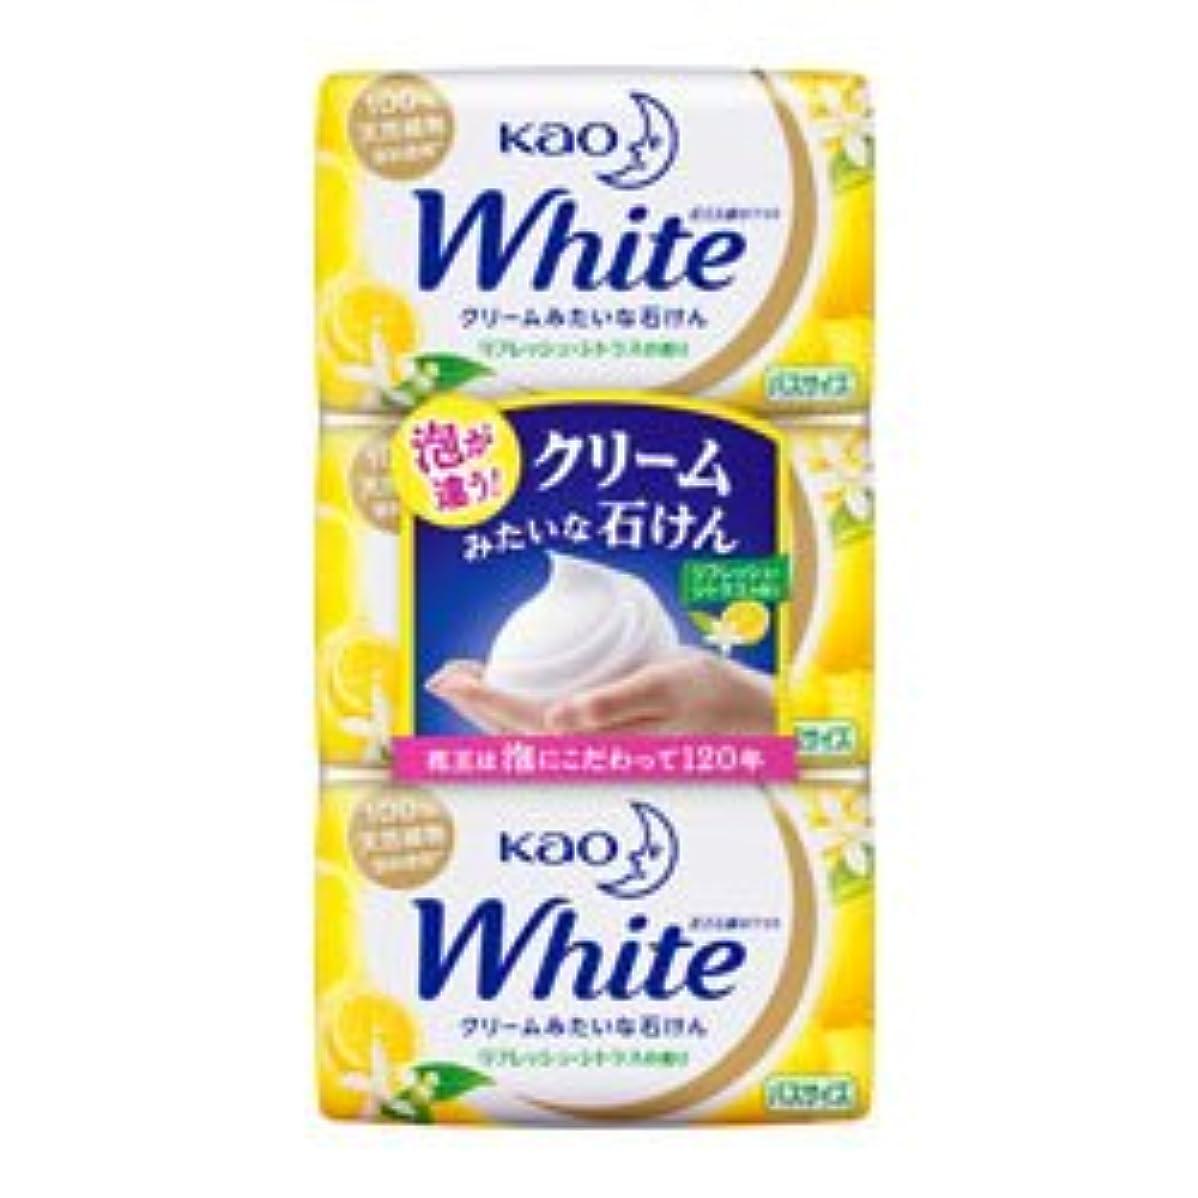 出会いカッターコイン【花王】ホワイト リフレッシュ?シトラスの香り バスサイズ 130g×3個入 ×20個セット